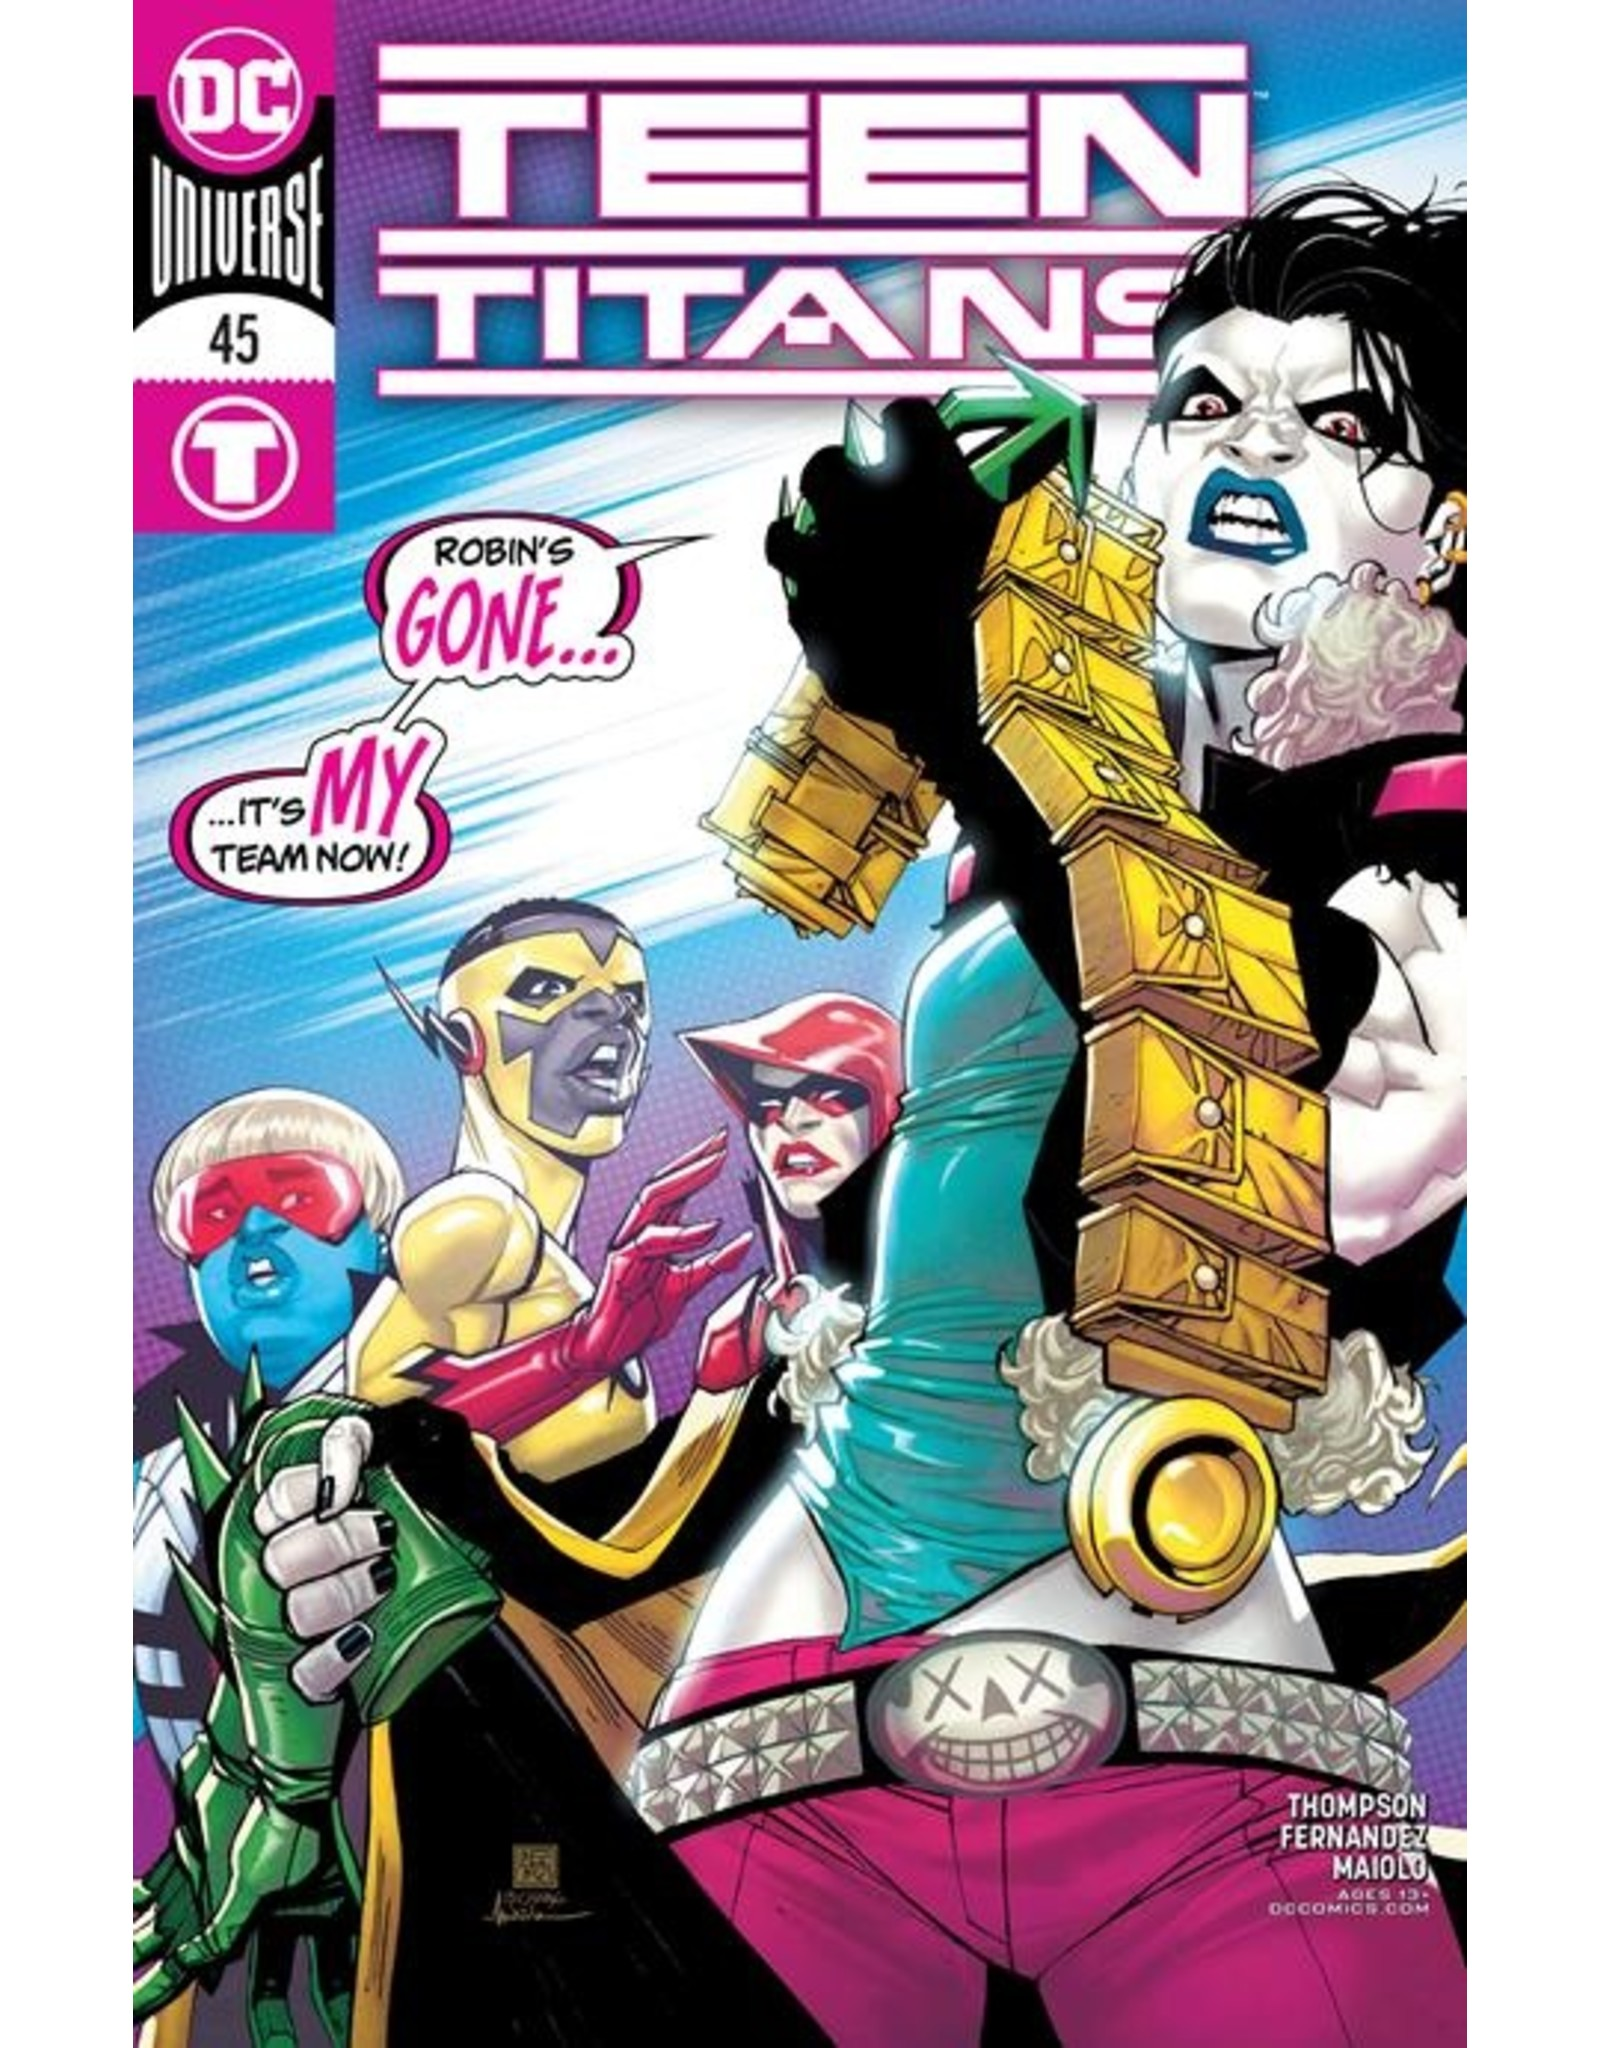 DC COMICS TEEN TITANS #45 CVR A BERNARD CHANG